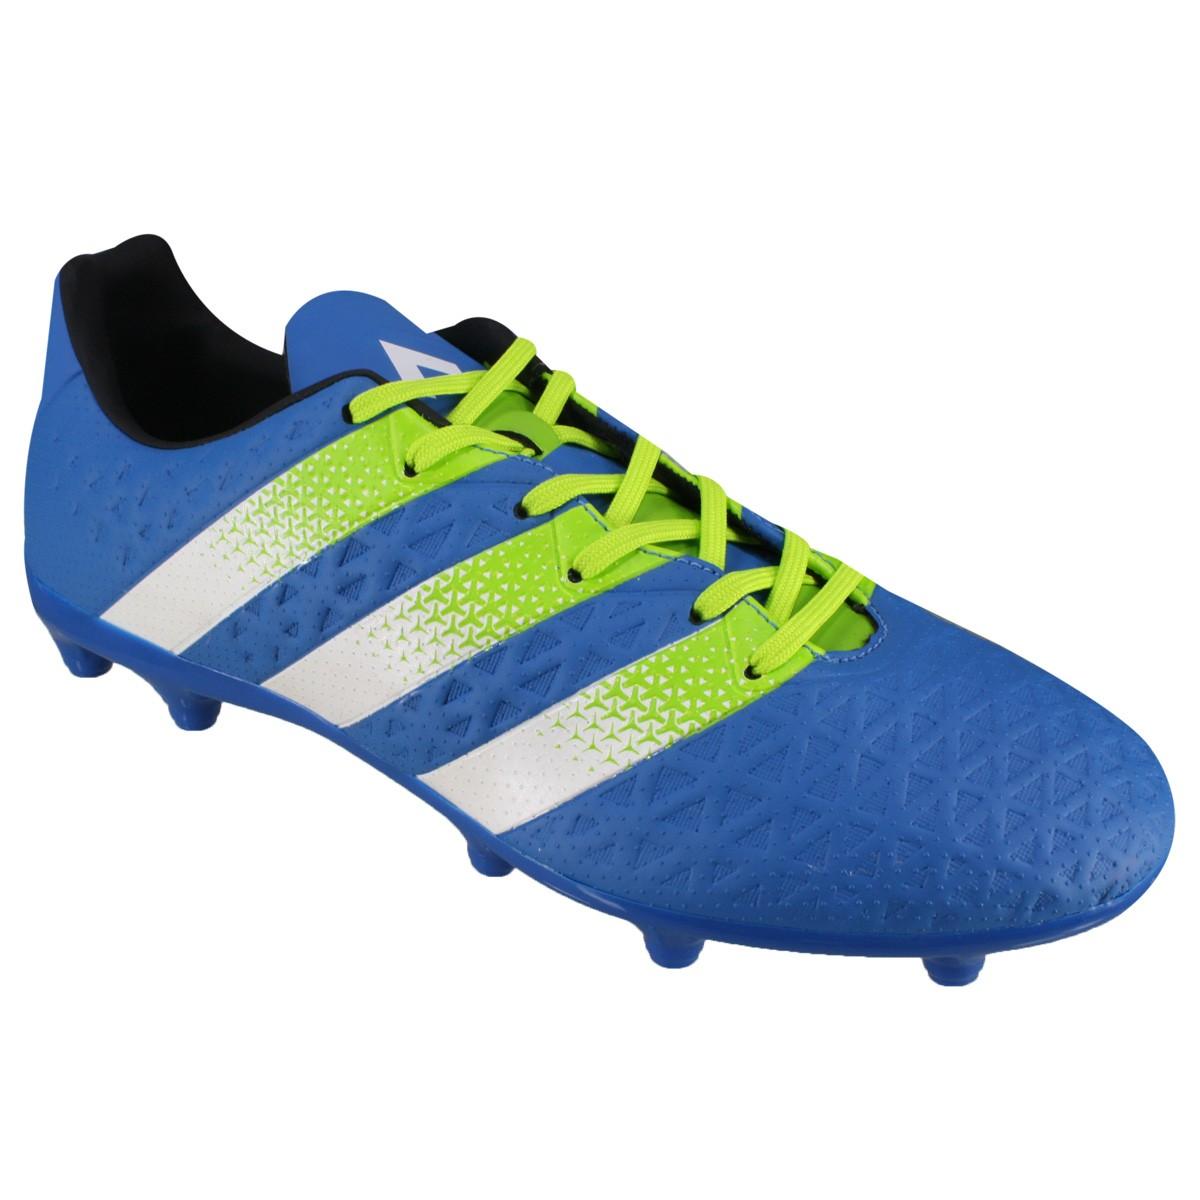 Chuteira Campo Adidas Ace 16.3 FG AG AF5148 Azul Verde 90ae0fbaaa169